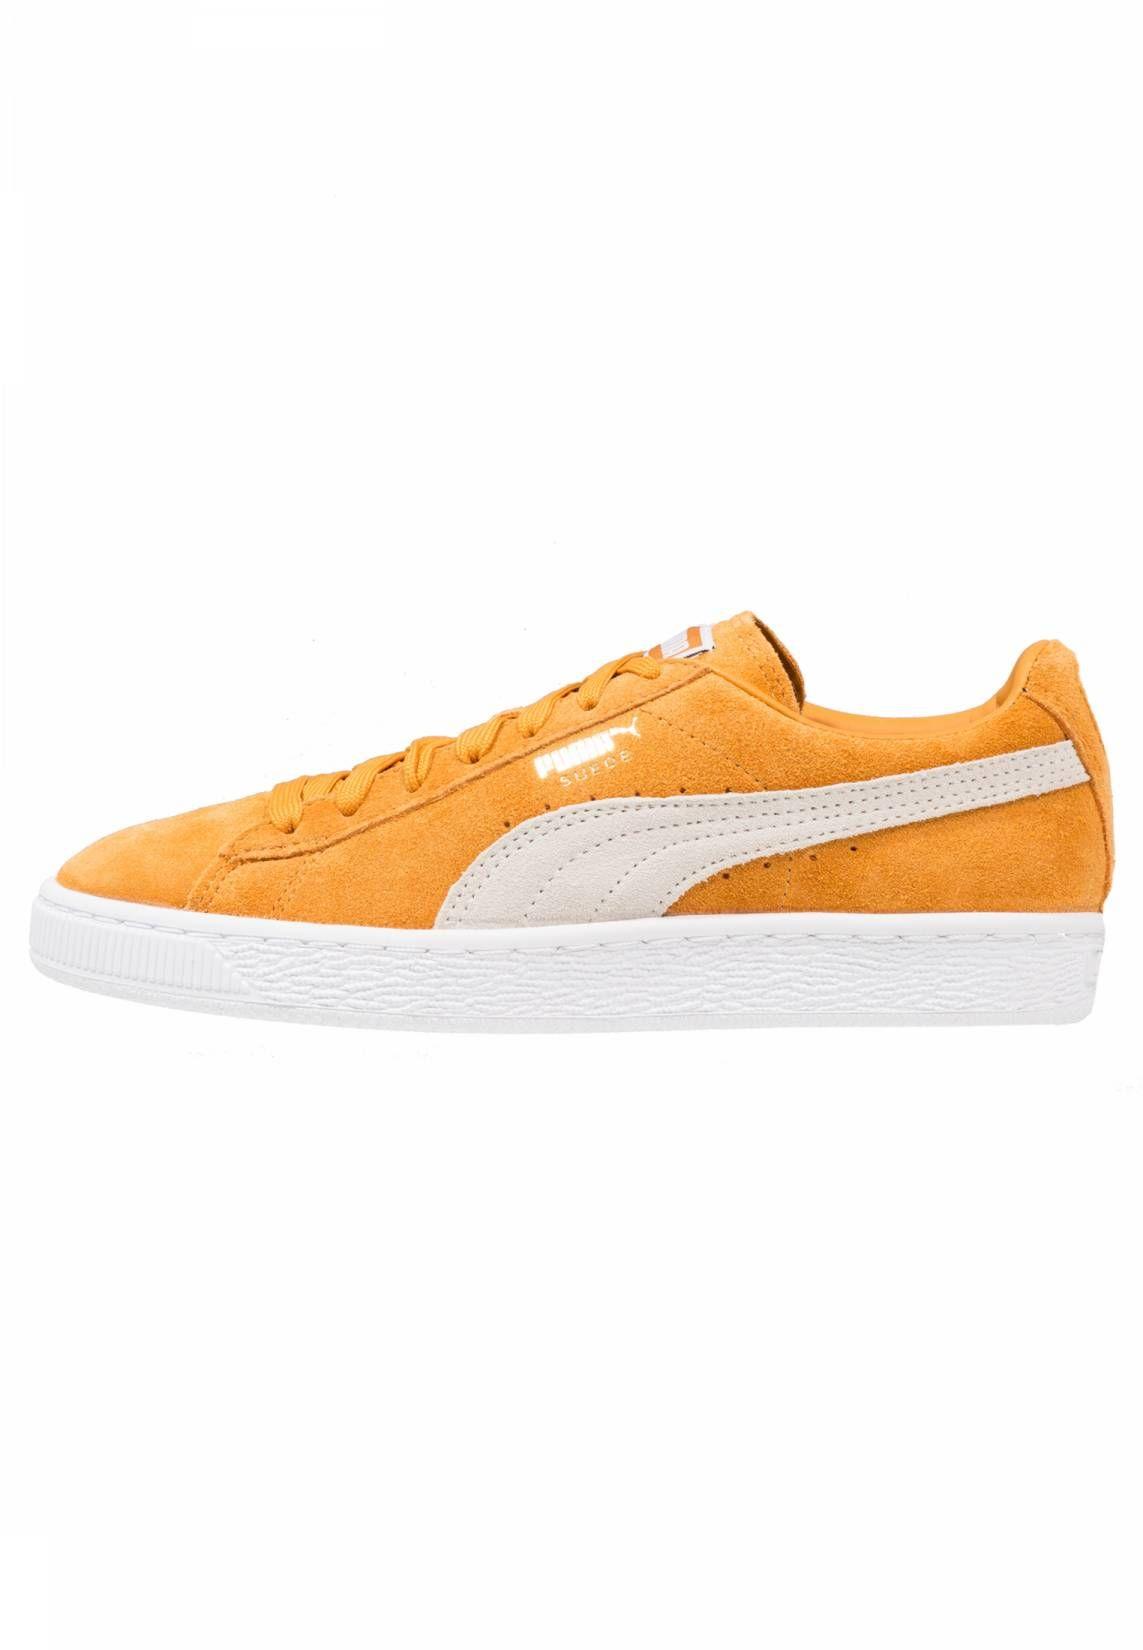 Puma. SUEDE CLASSIC + - Sneakers basse